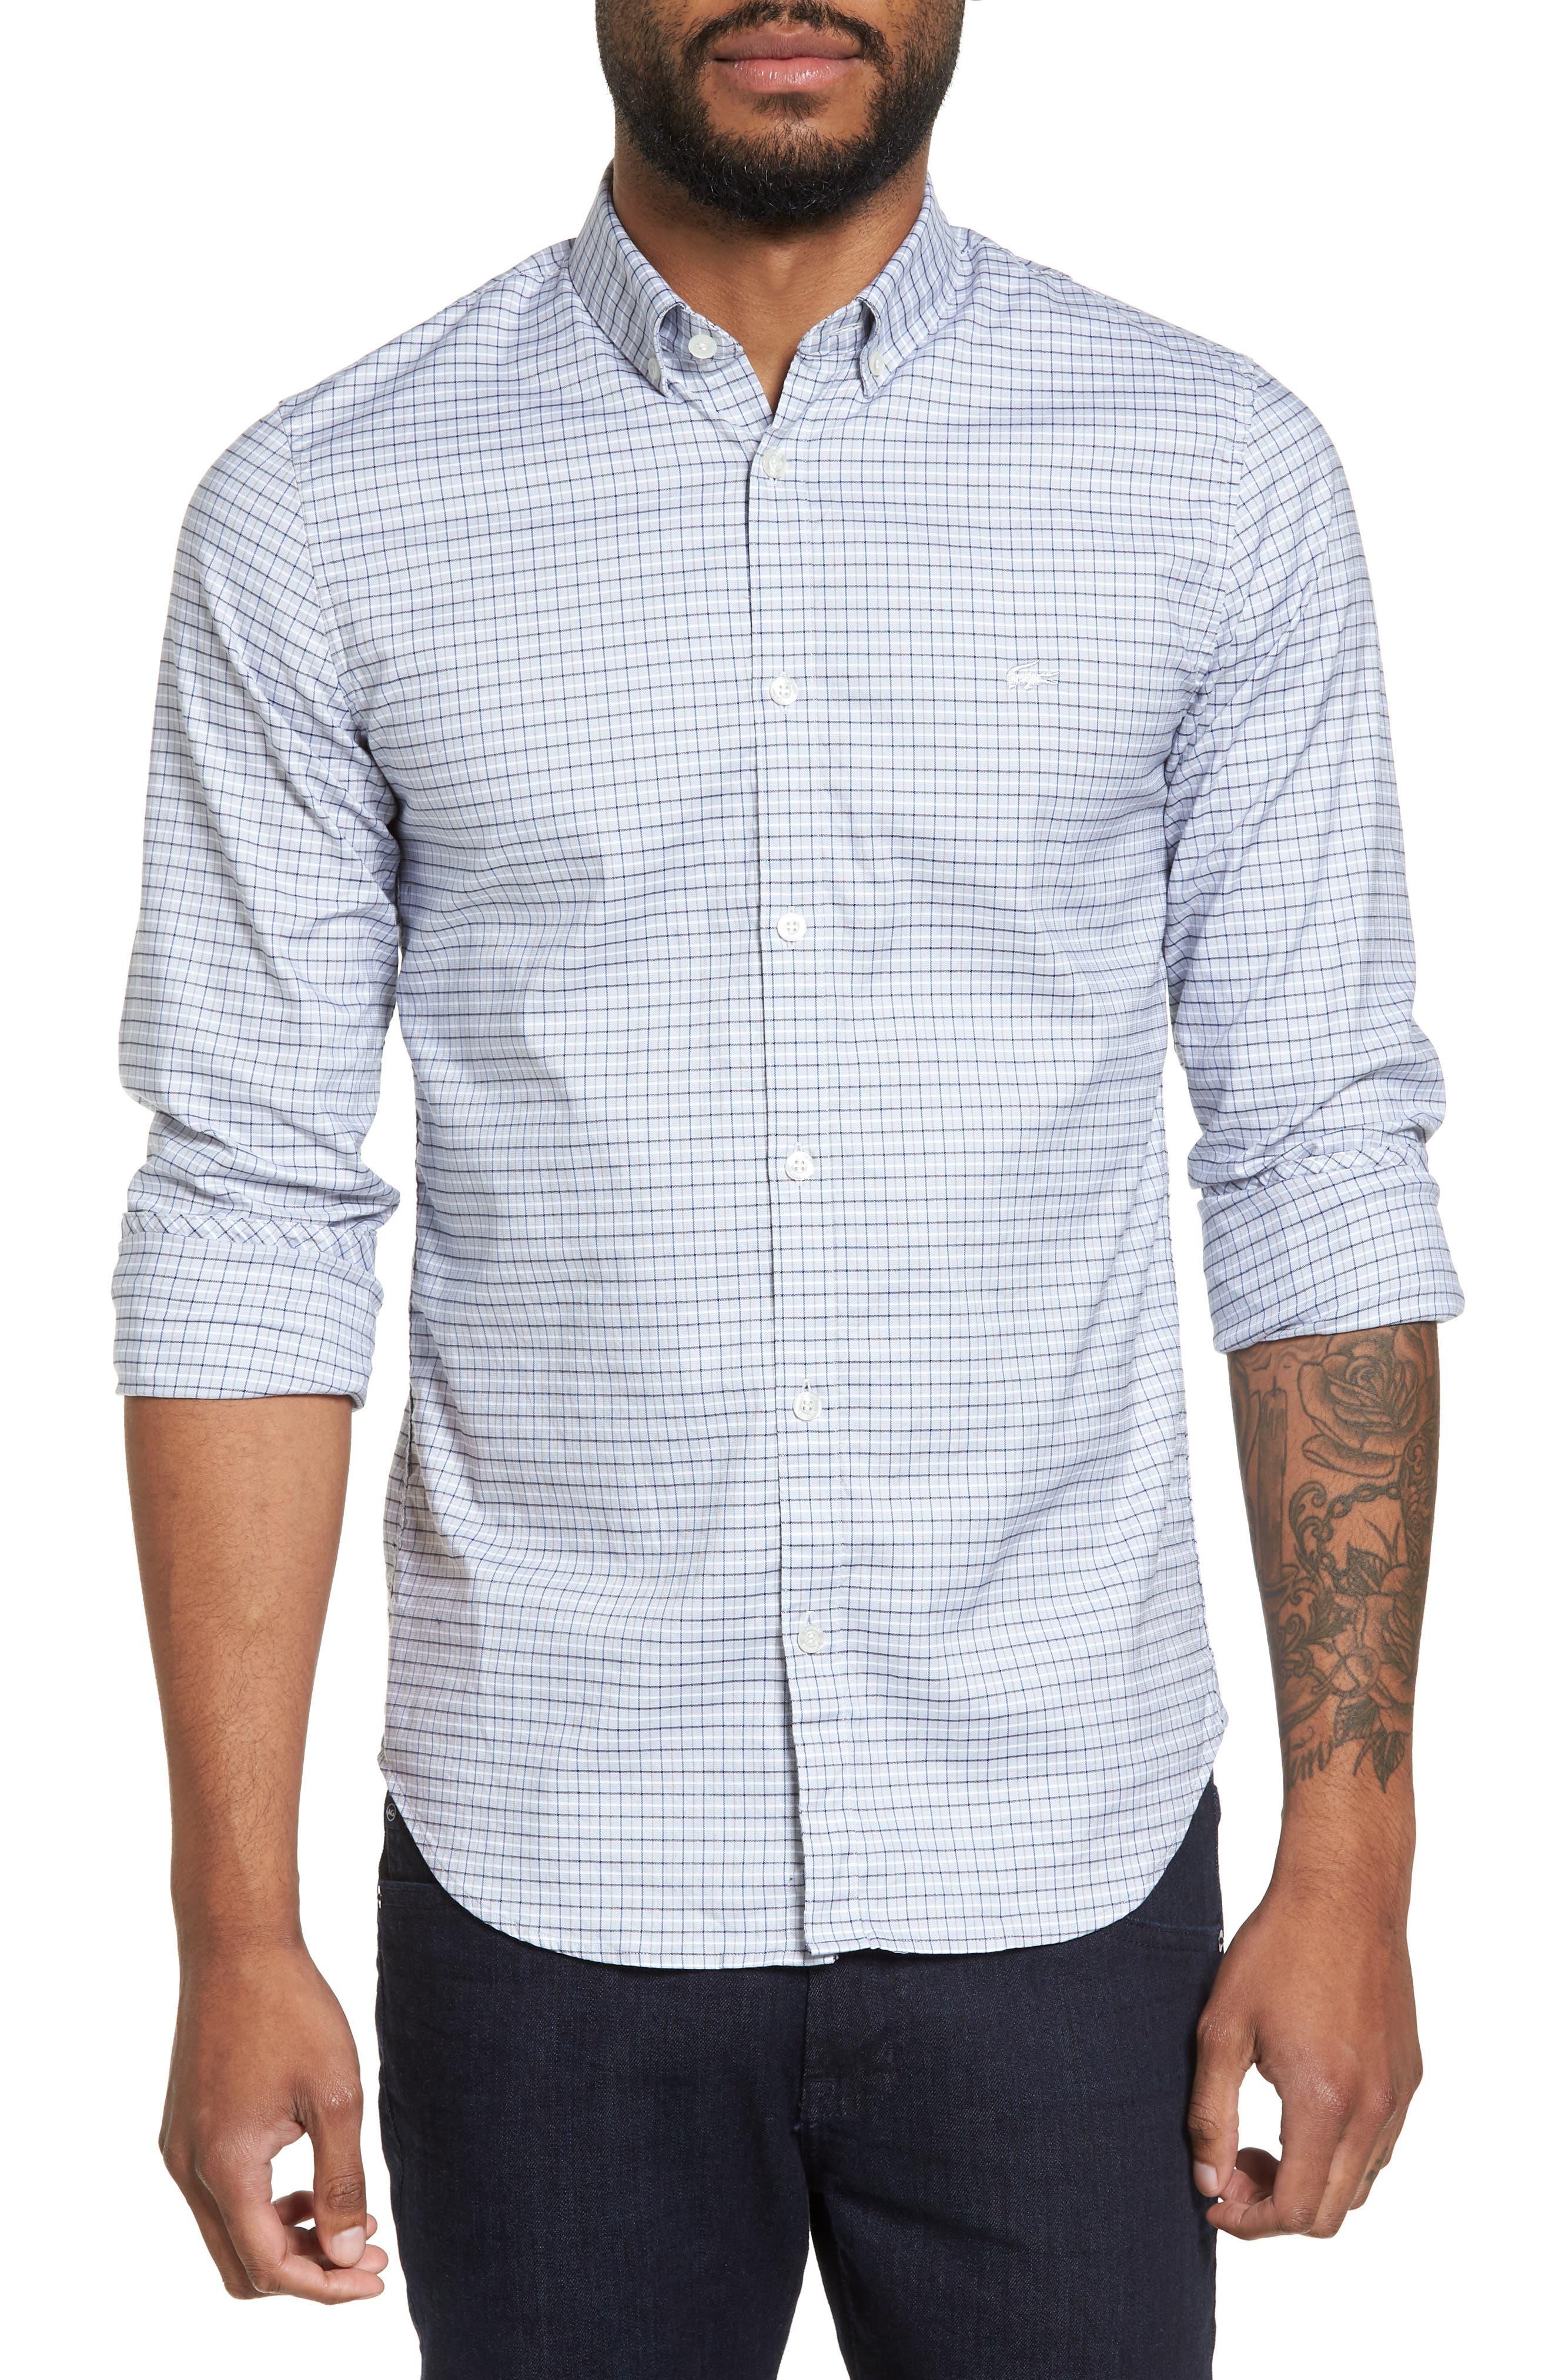 LACOSTE, Slim Fit Plaid Shirt, Main thumbnail 1, color, 061